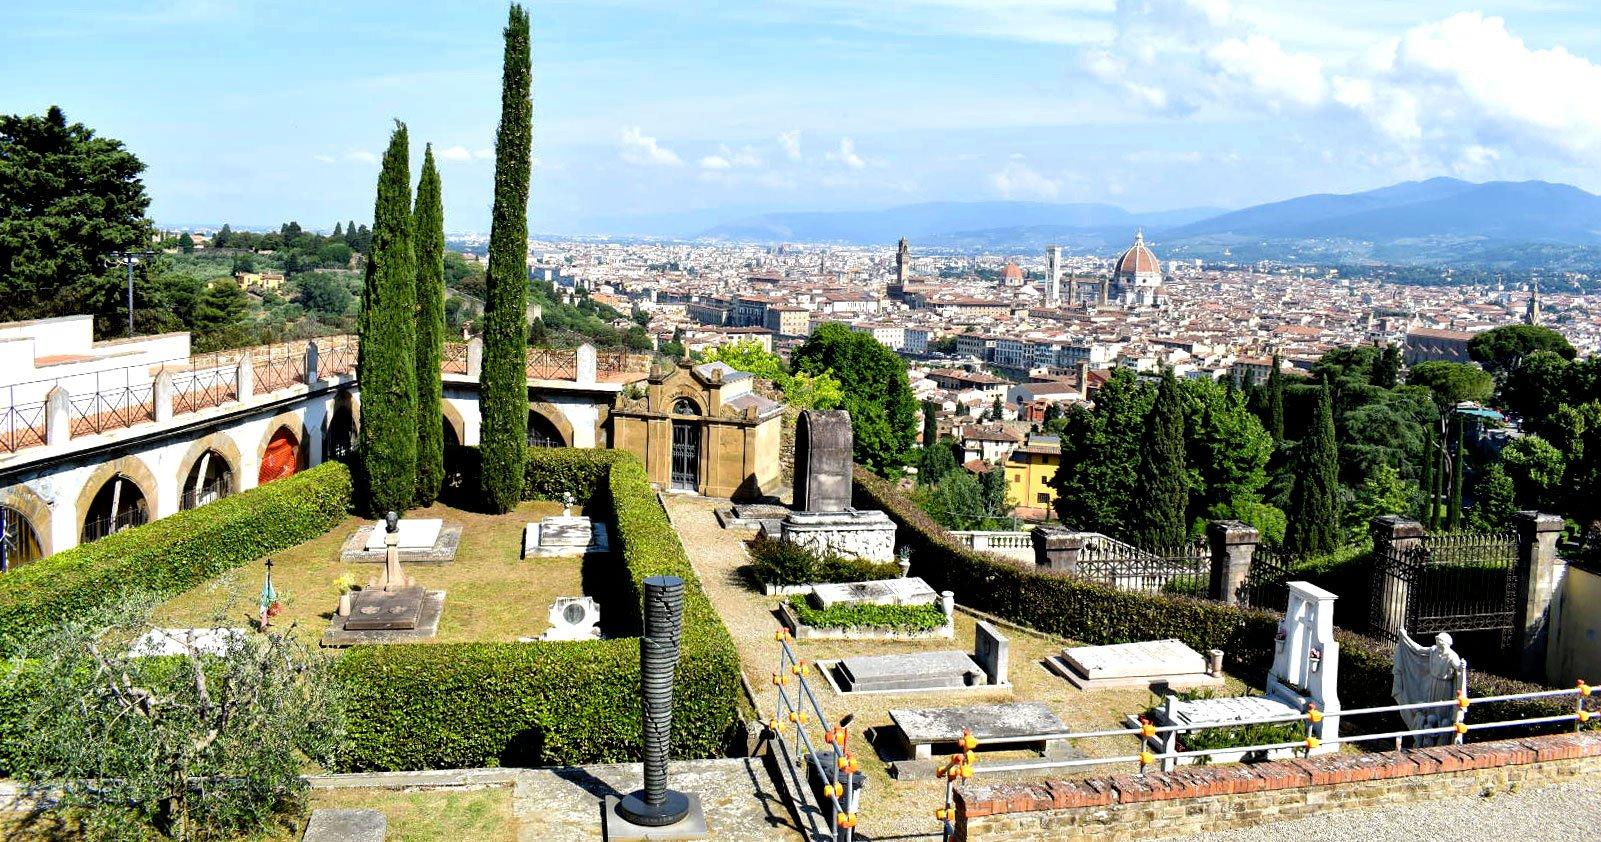 Cimitero Porte Sante San Miniato al Monte